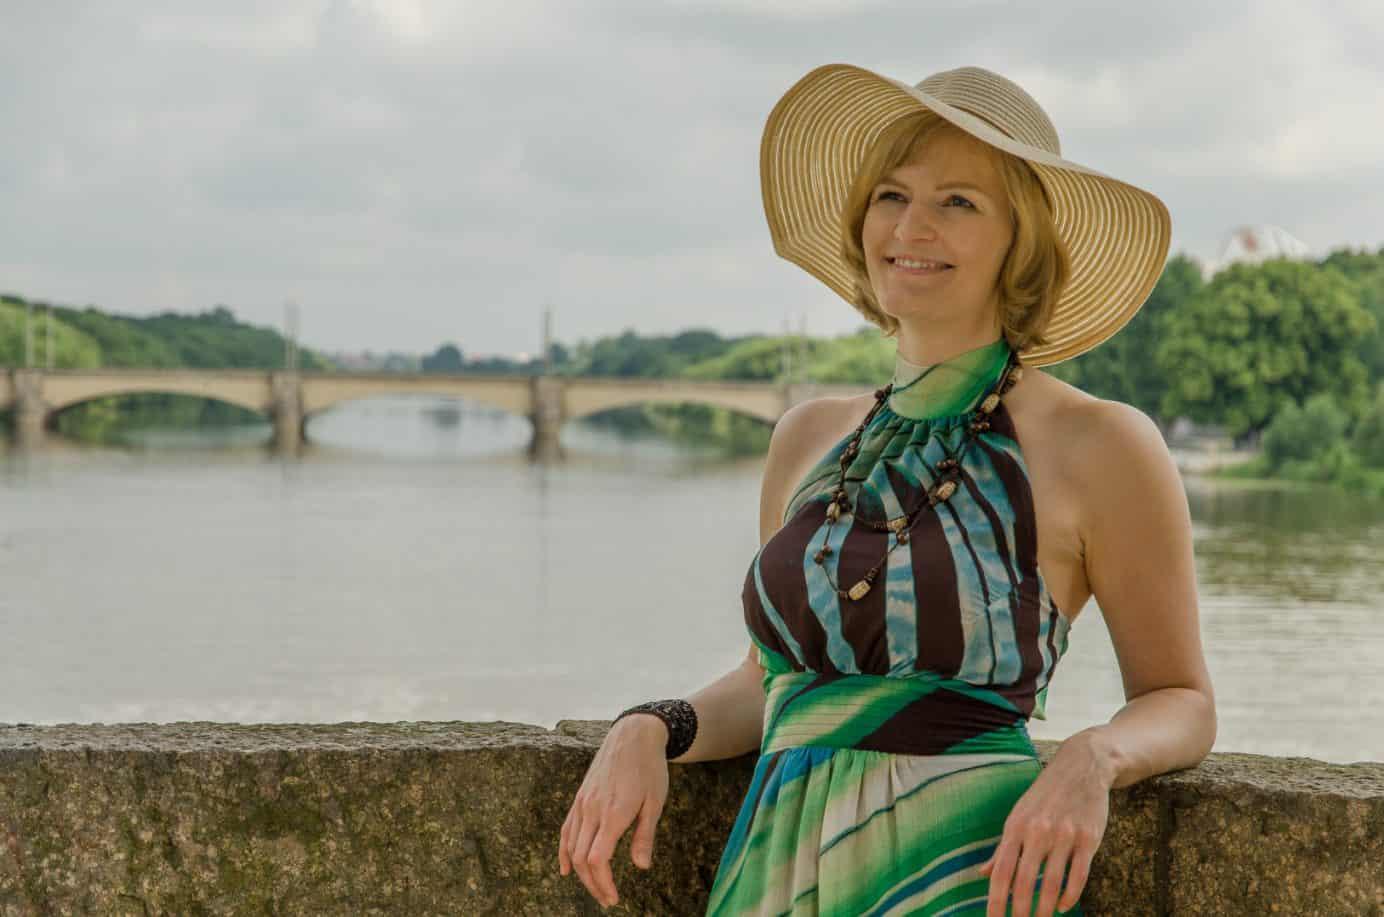 Lebensfrohe, junge Frau mit Hut und Sommerkleid auf einer Brücke mit Fluss, Brücke und Grün im Hintergrund